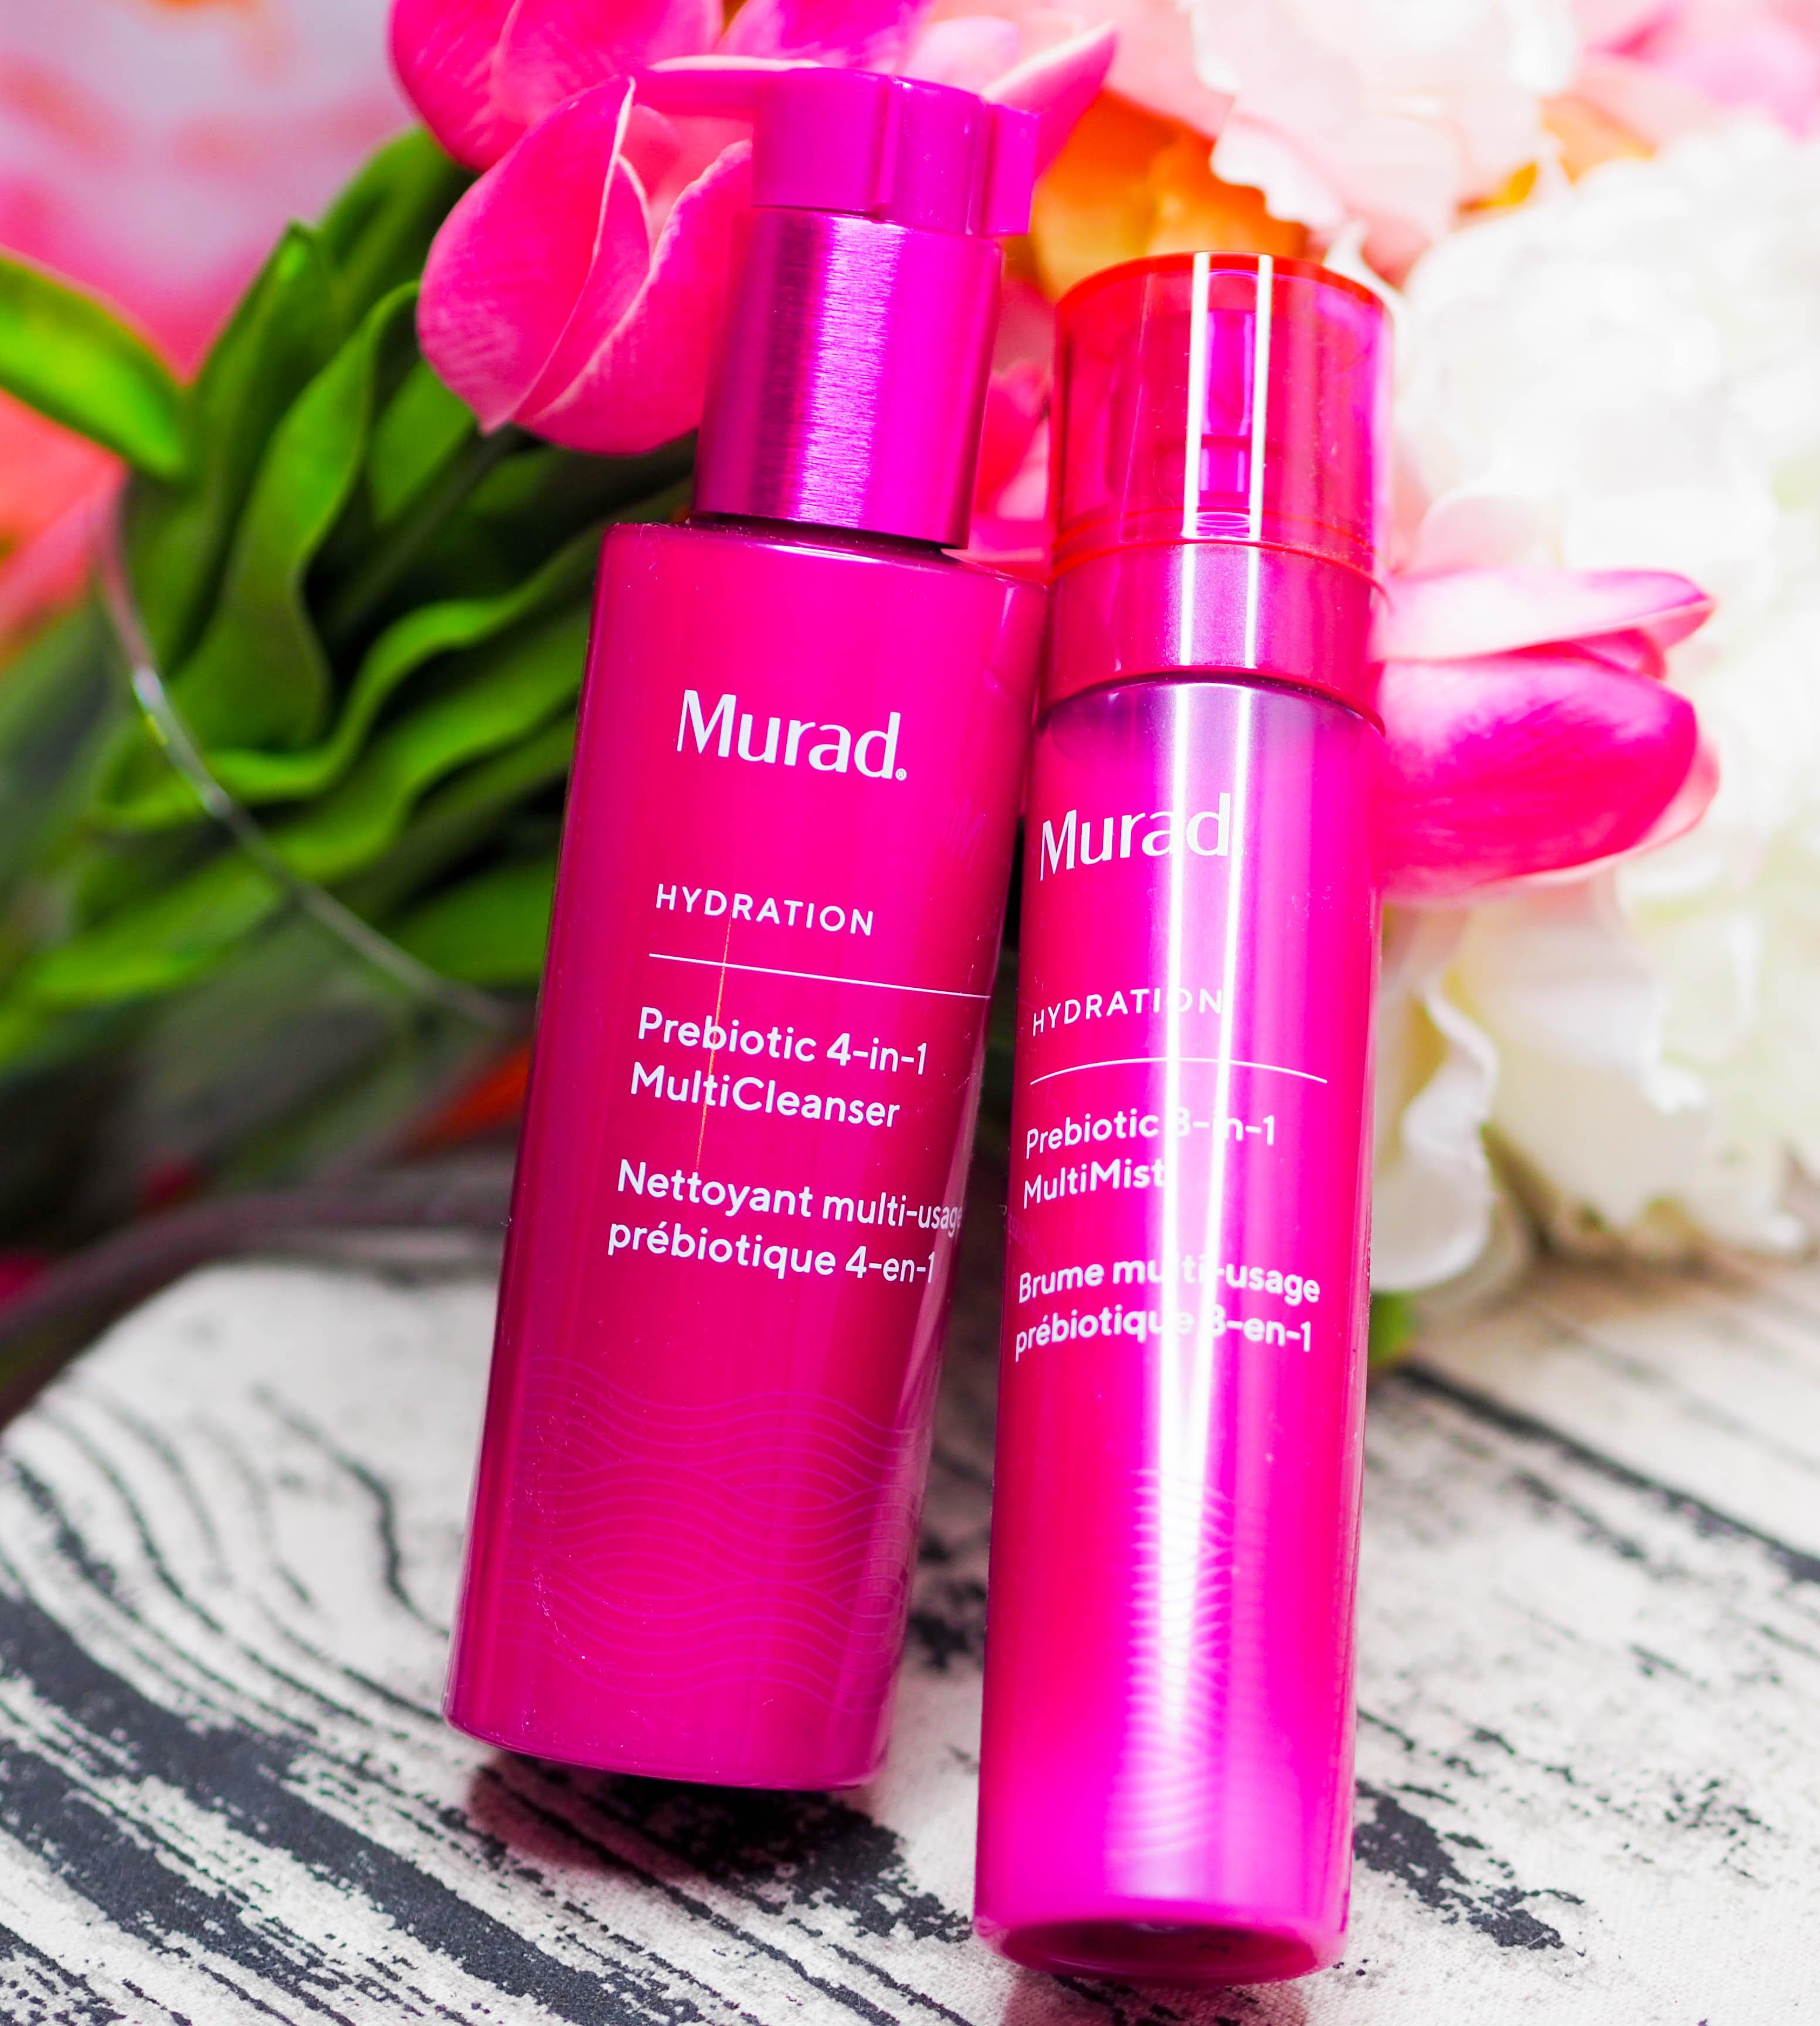 Murad Prebiotic 4-in-1 Multicleanser and Prebiotic 3-in-1 Multimist